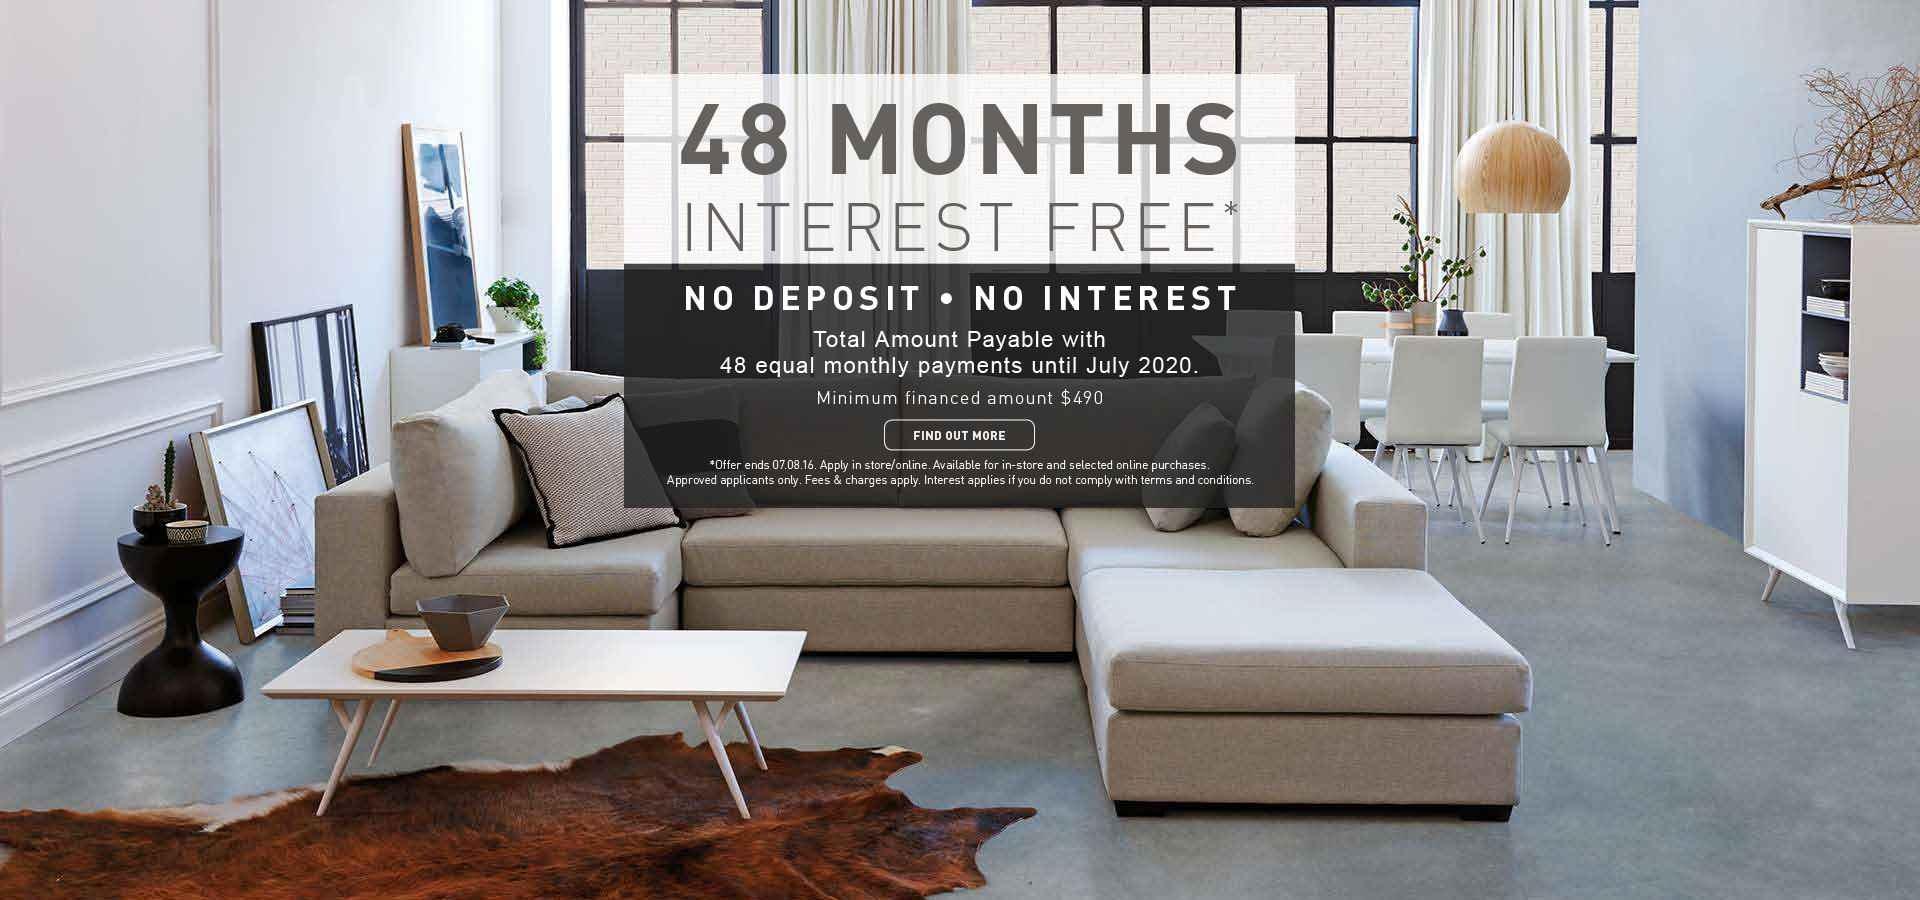 48 Months Interest Free